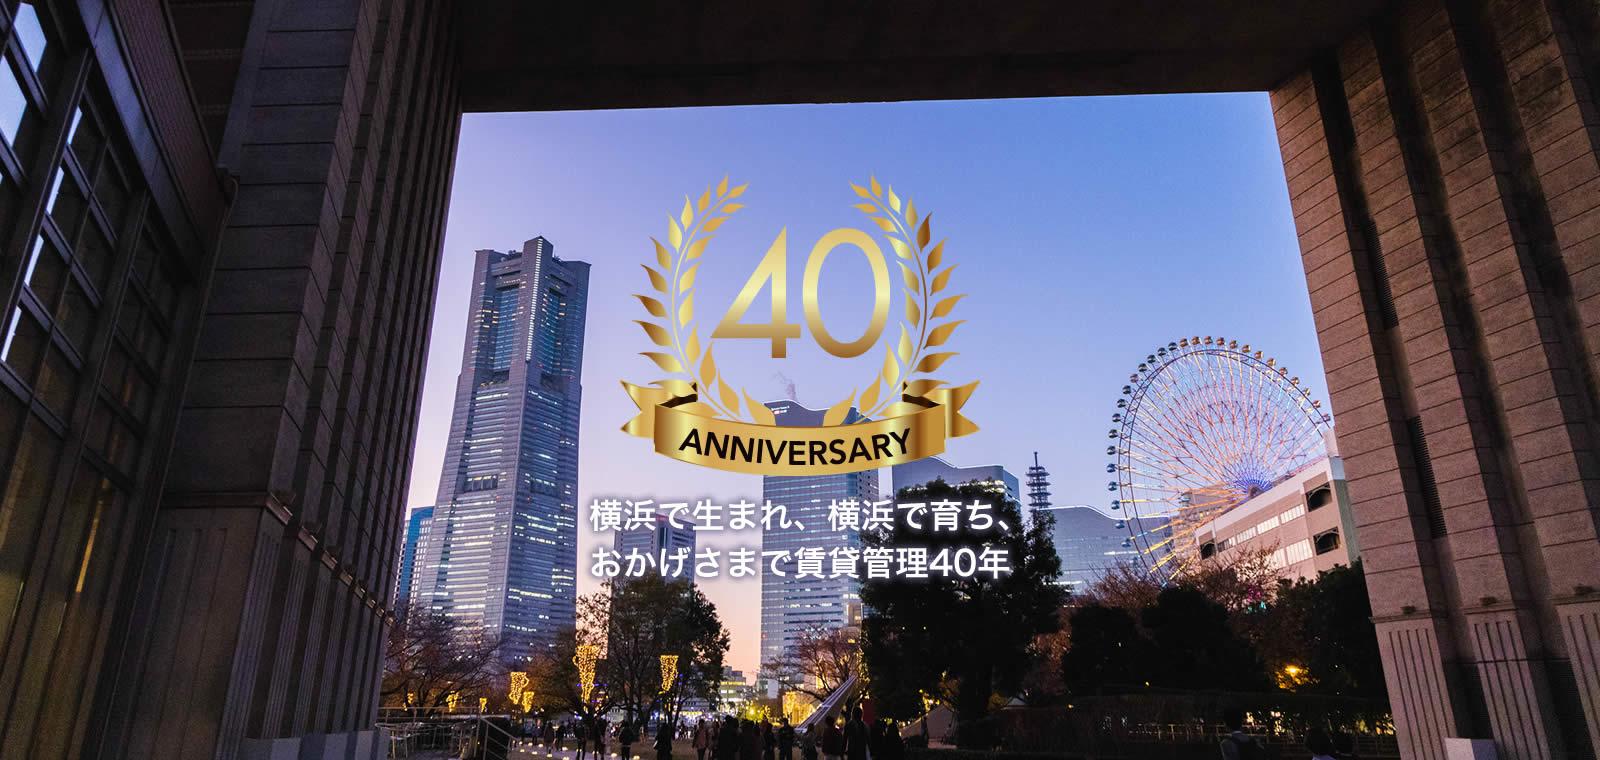 横浜で生まれ、横浜で育ち、おかげさまで賃貸管理40年